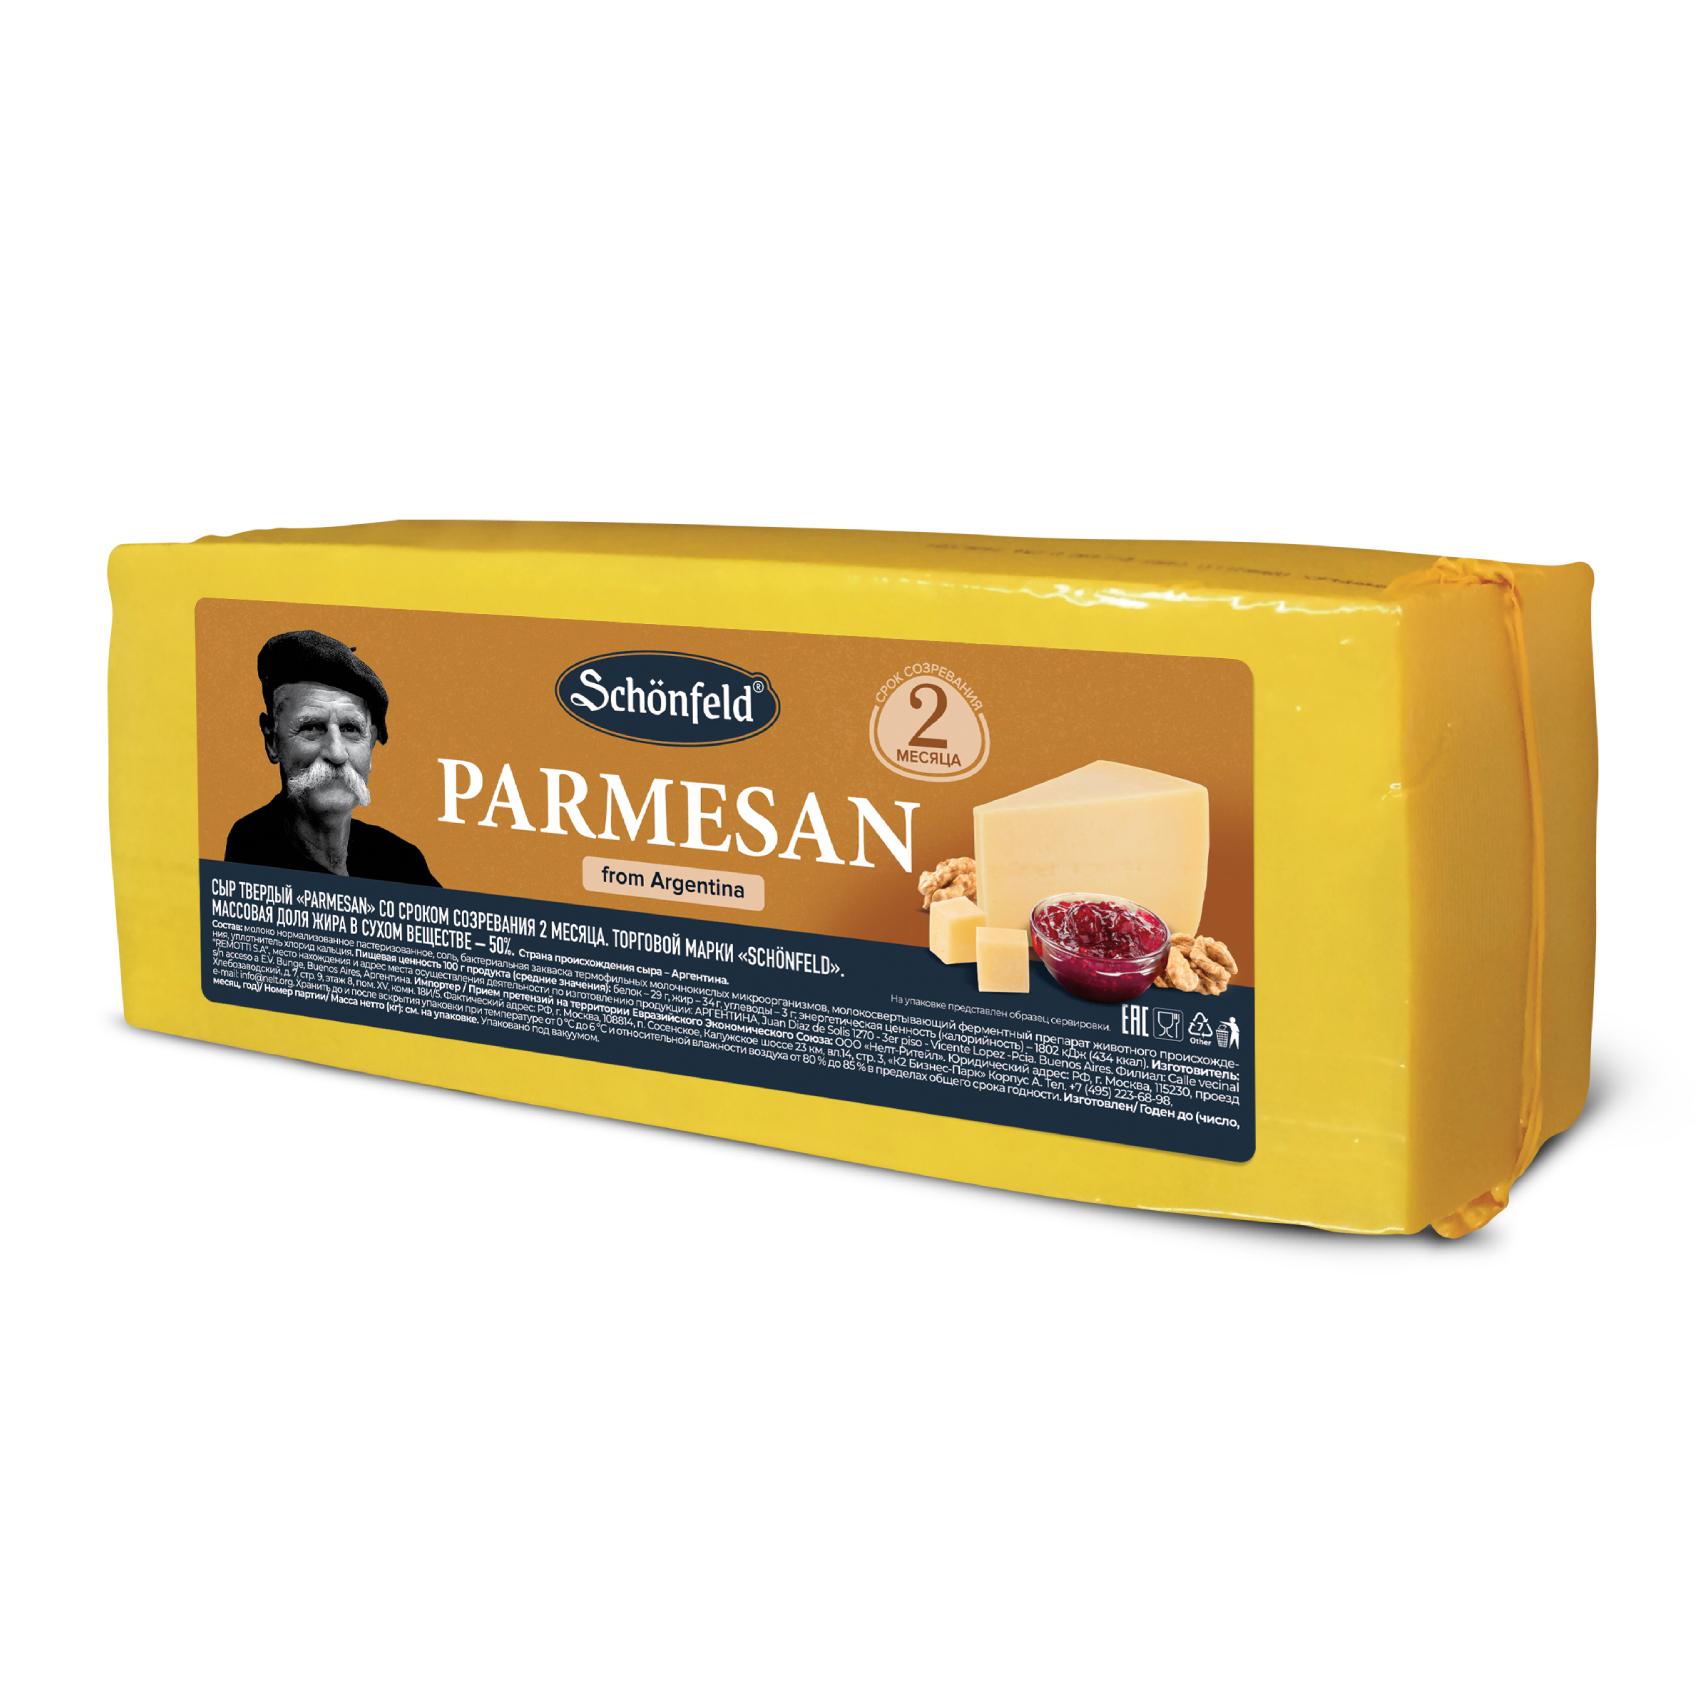 Фото - Сыр полутвердый Schonfeld Parmesan со сроком созревания 2 месяца 43% сыр полутвердый schonfeld тильзитер 45